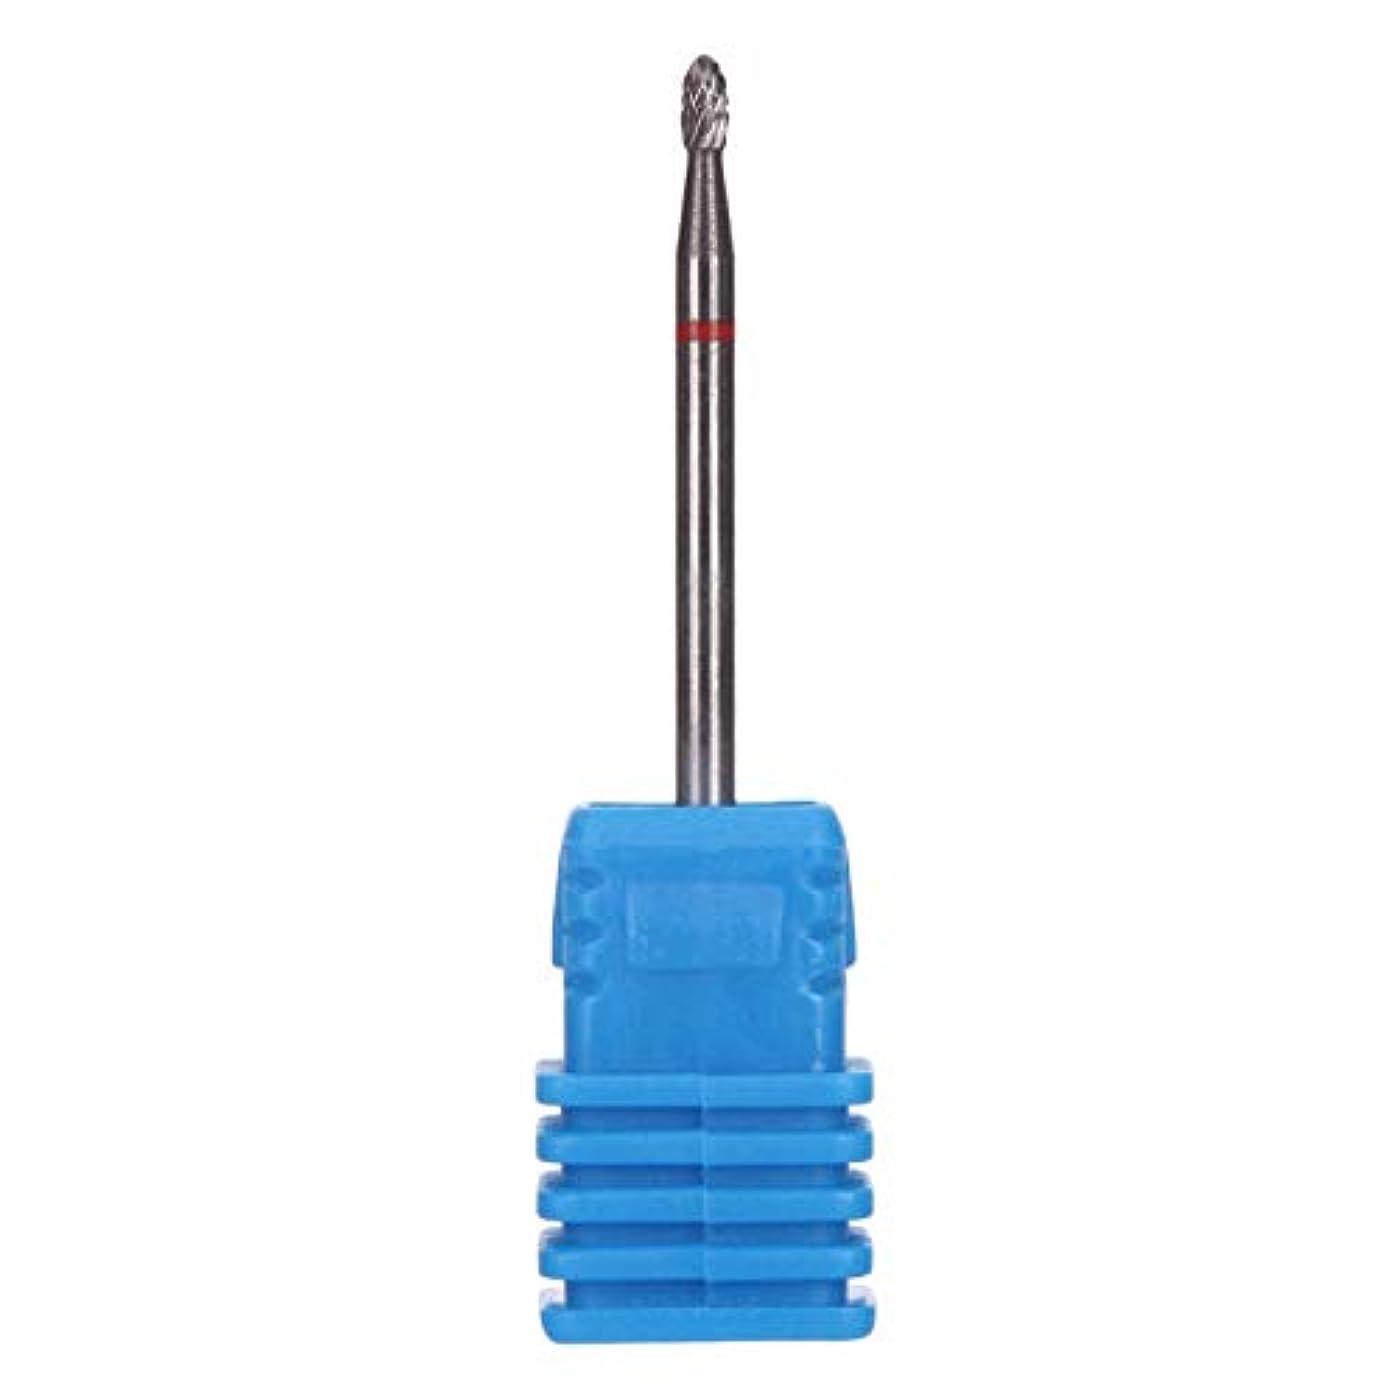 過ちブラインド繊細OU-Kunmlef 釘芸術美しさカッター研削タングステン鋼研磨フライドマニキュアペディキュア釘(None S-H0103 Elliptical)